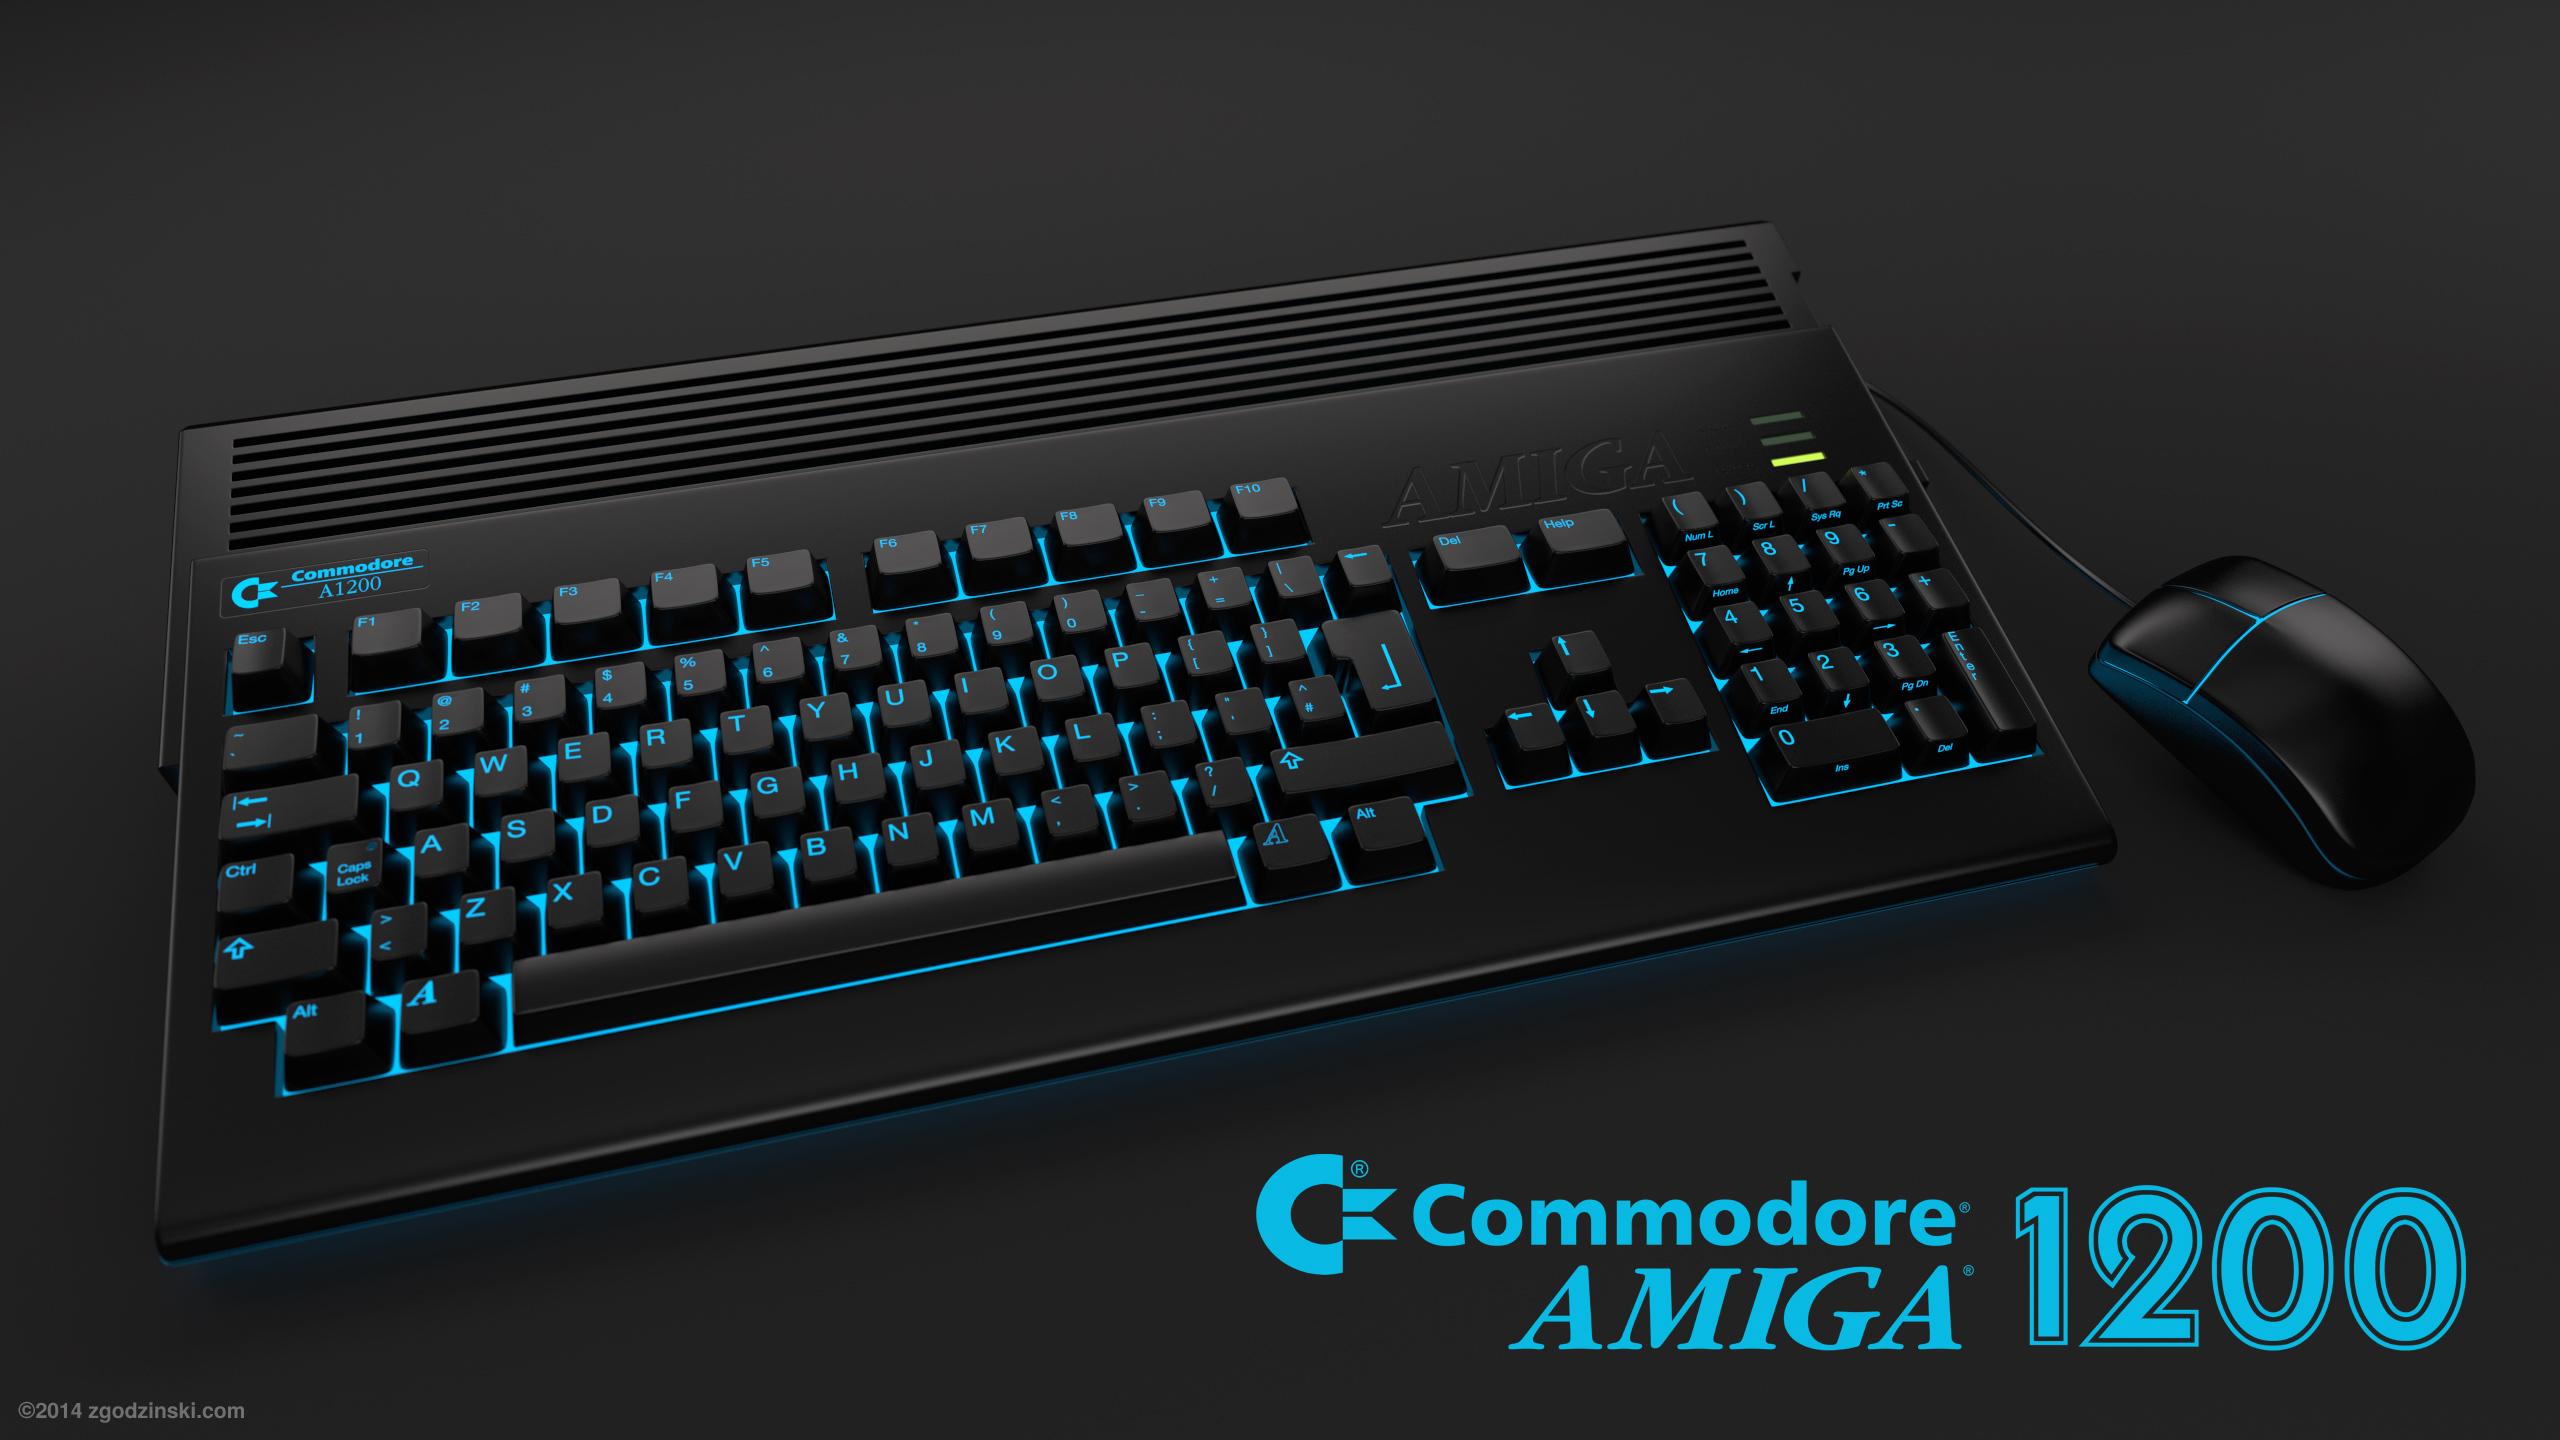 Amiga 1200 desktop computer - alternative reality by zgodzinski